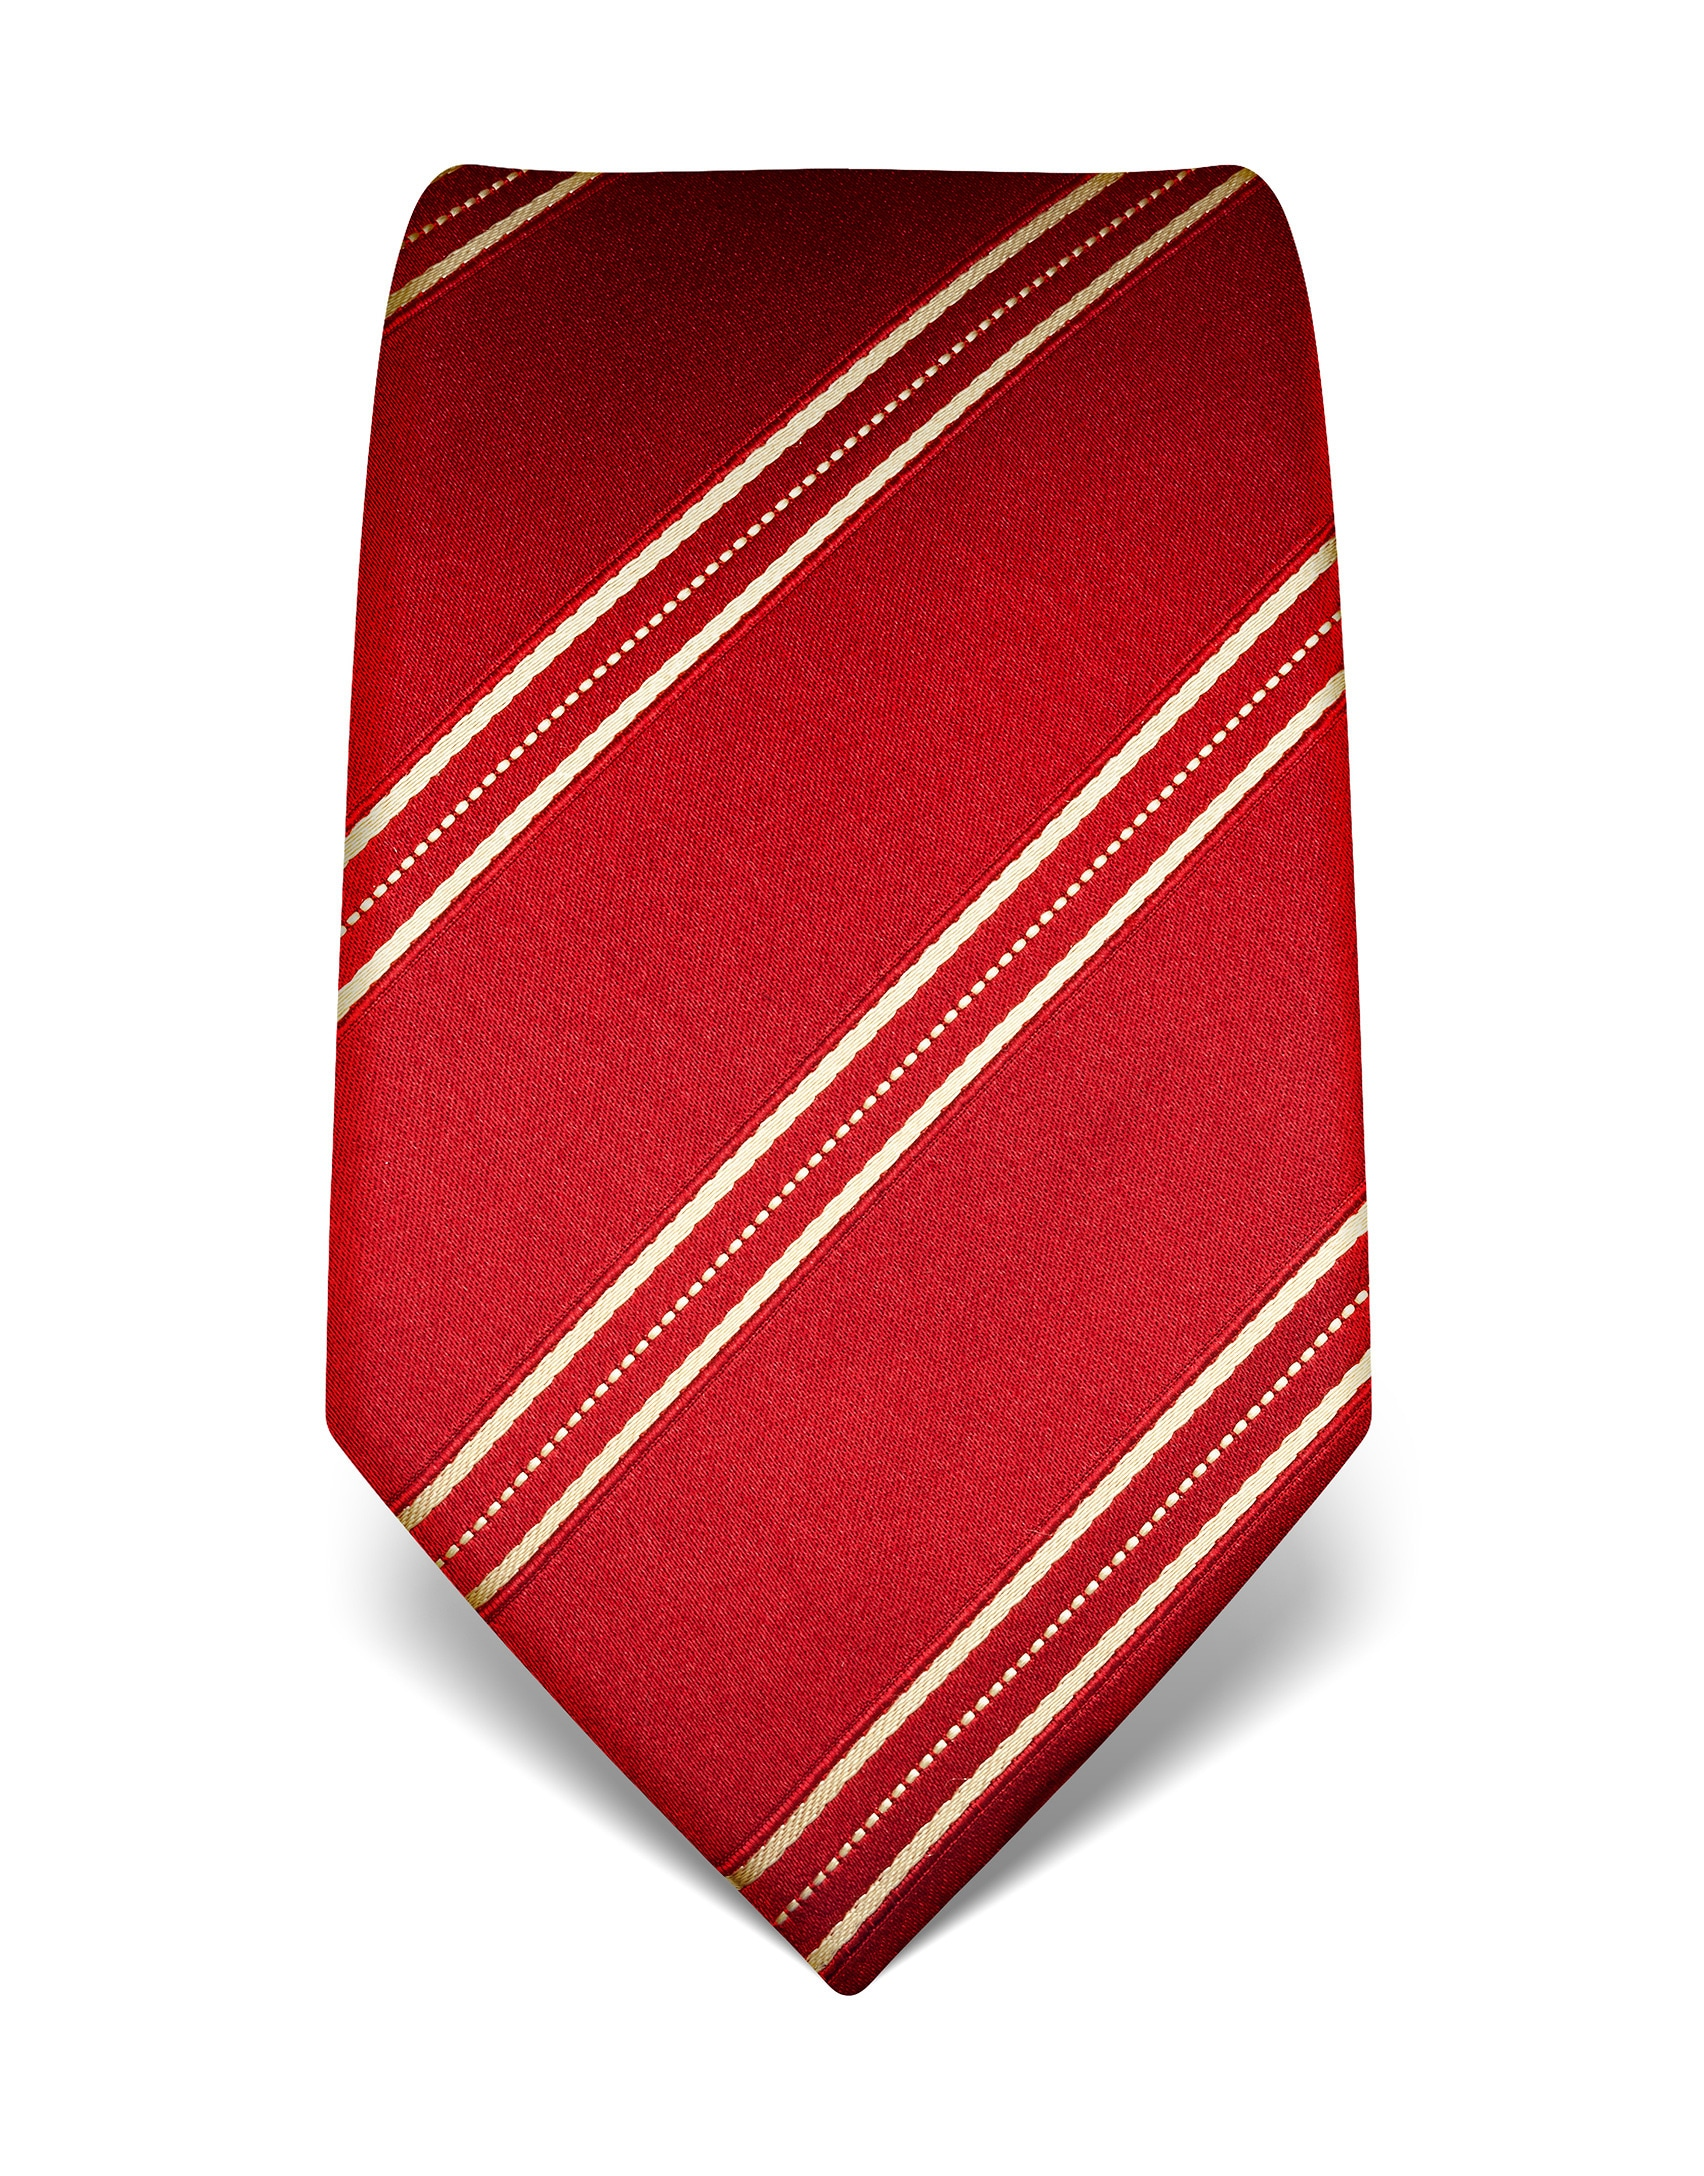 vincenzo boretti krawatte mit elegantem dreistreifendesign Elegante Krawatte von Vincenzo Boretti mNNAx